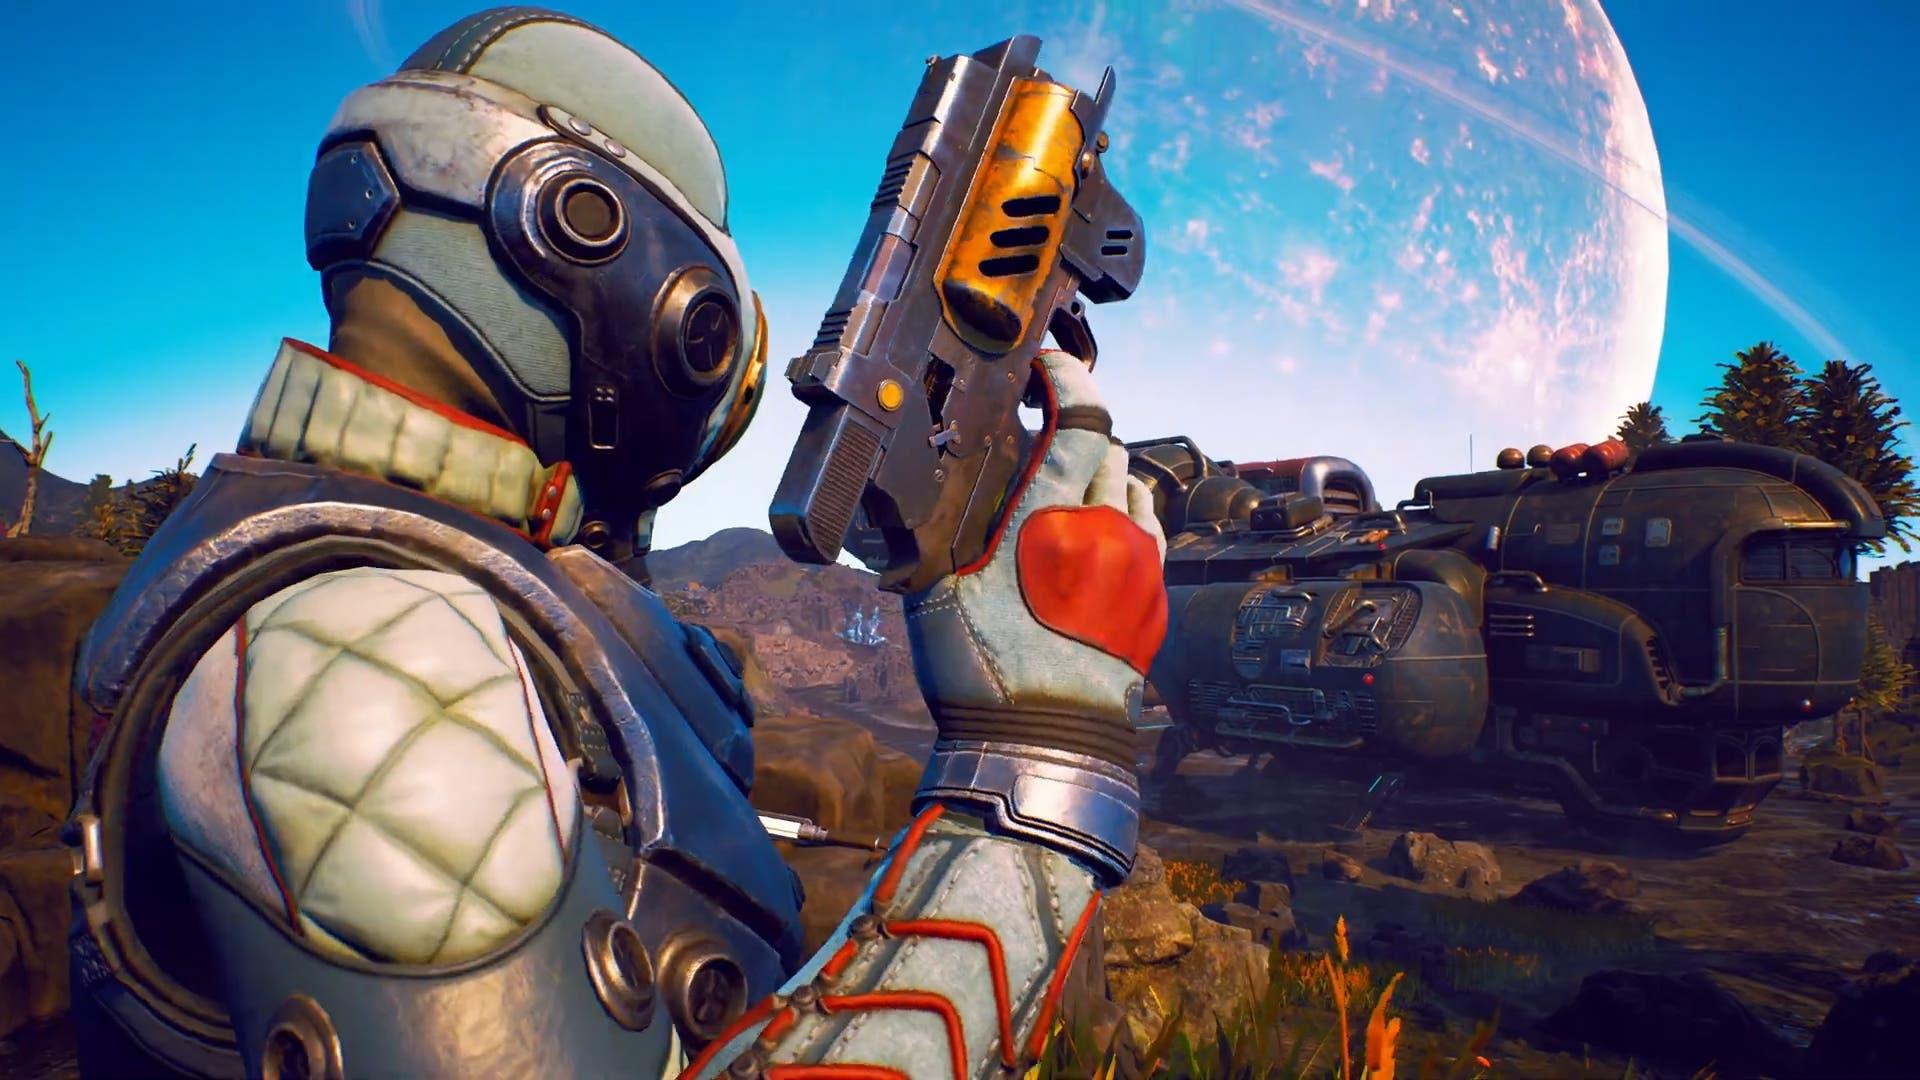 Imagen de The Outer Worlds tendrá mejoras en Xbox One X, pero no en PlayStation 4 Pro